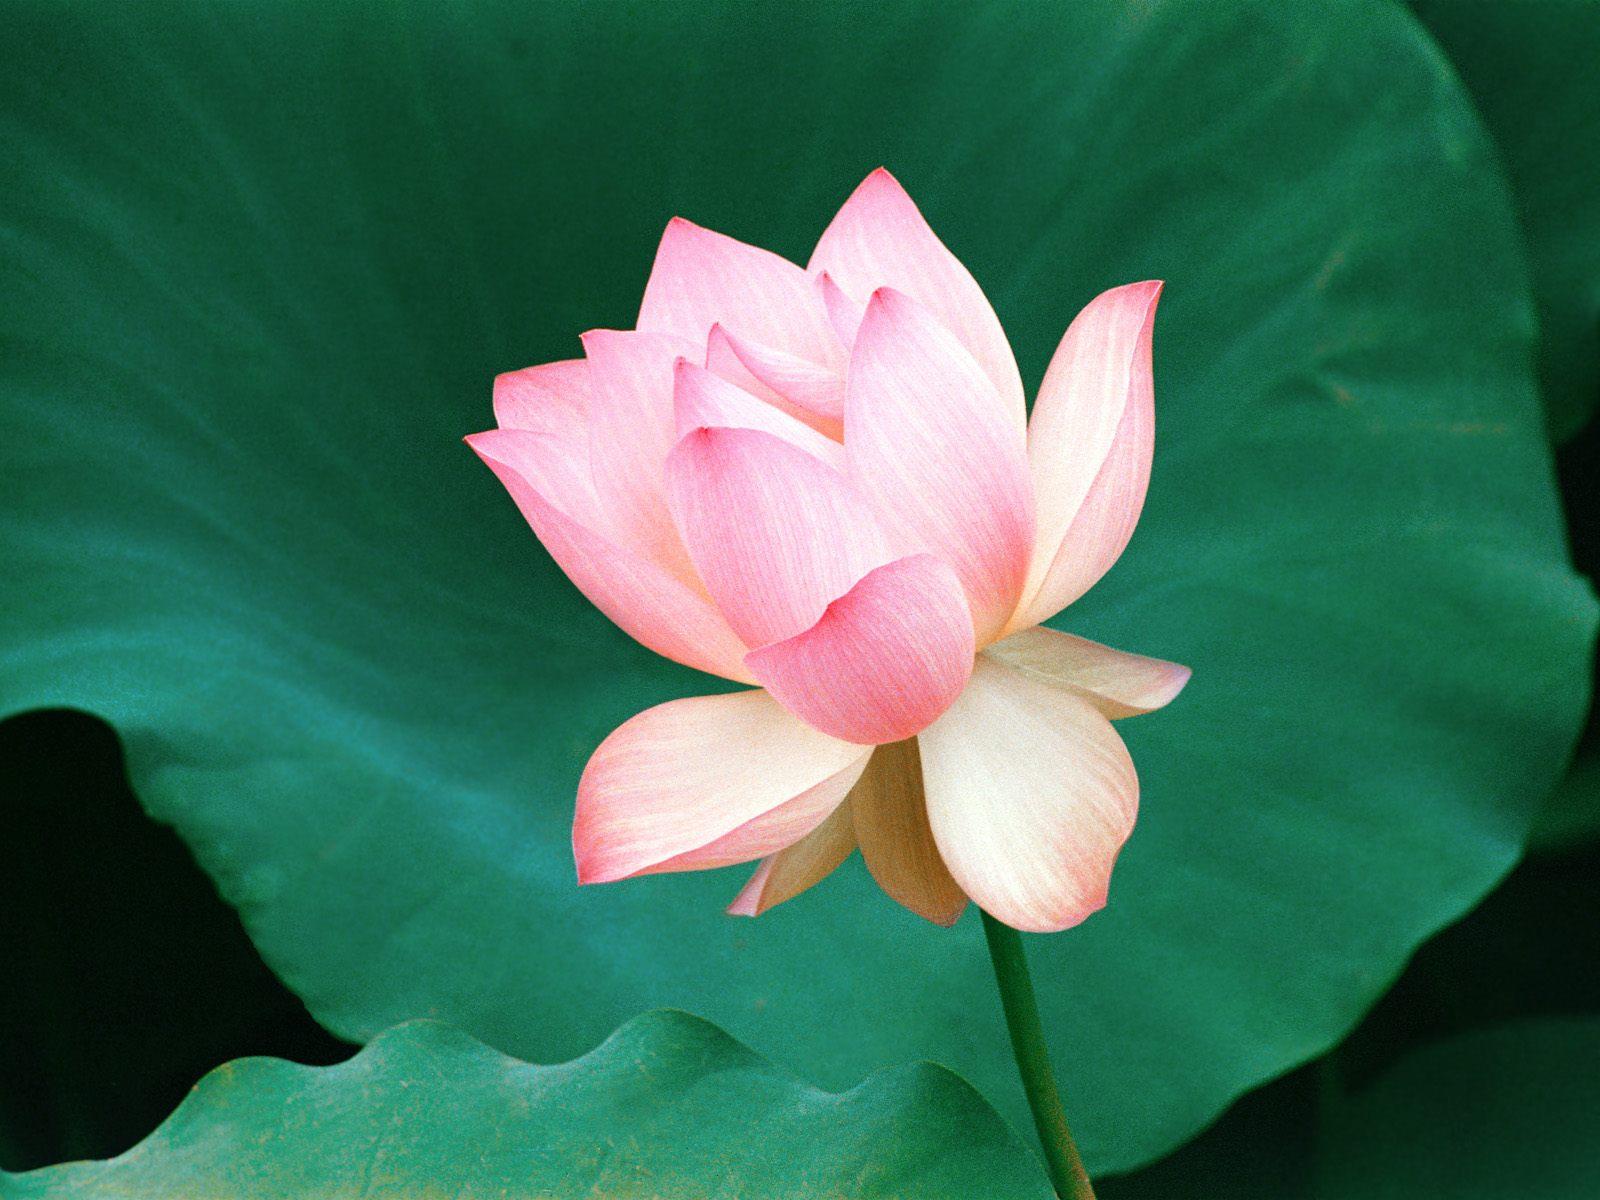 http://2.bp.blogspot.com/-ji-4o8iAyk0/ULZgOpdjGhI/AAAAAAAAAqM/H3_XboyTF4w/s1600/pink%20lotus%20flowers%204.jpg